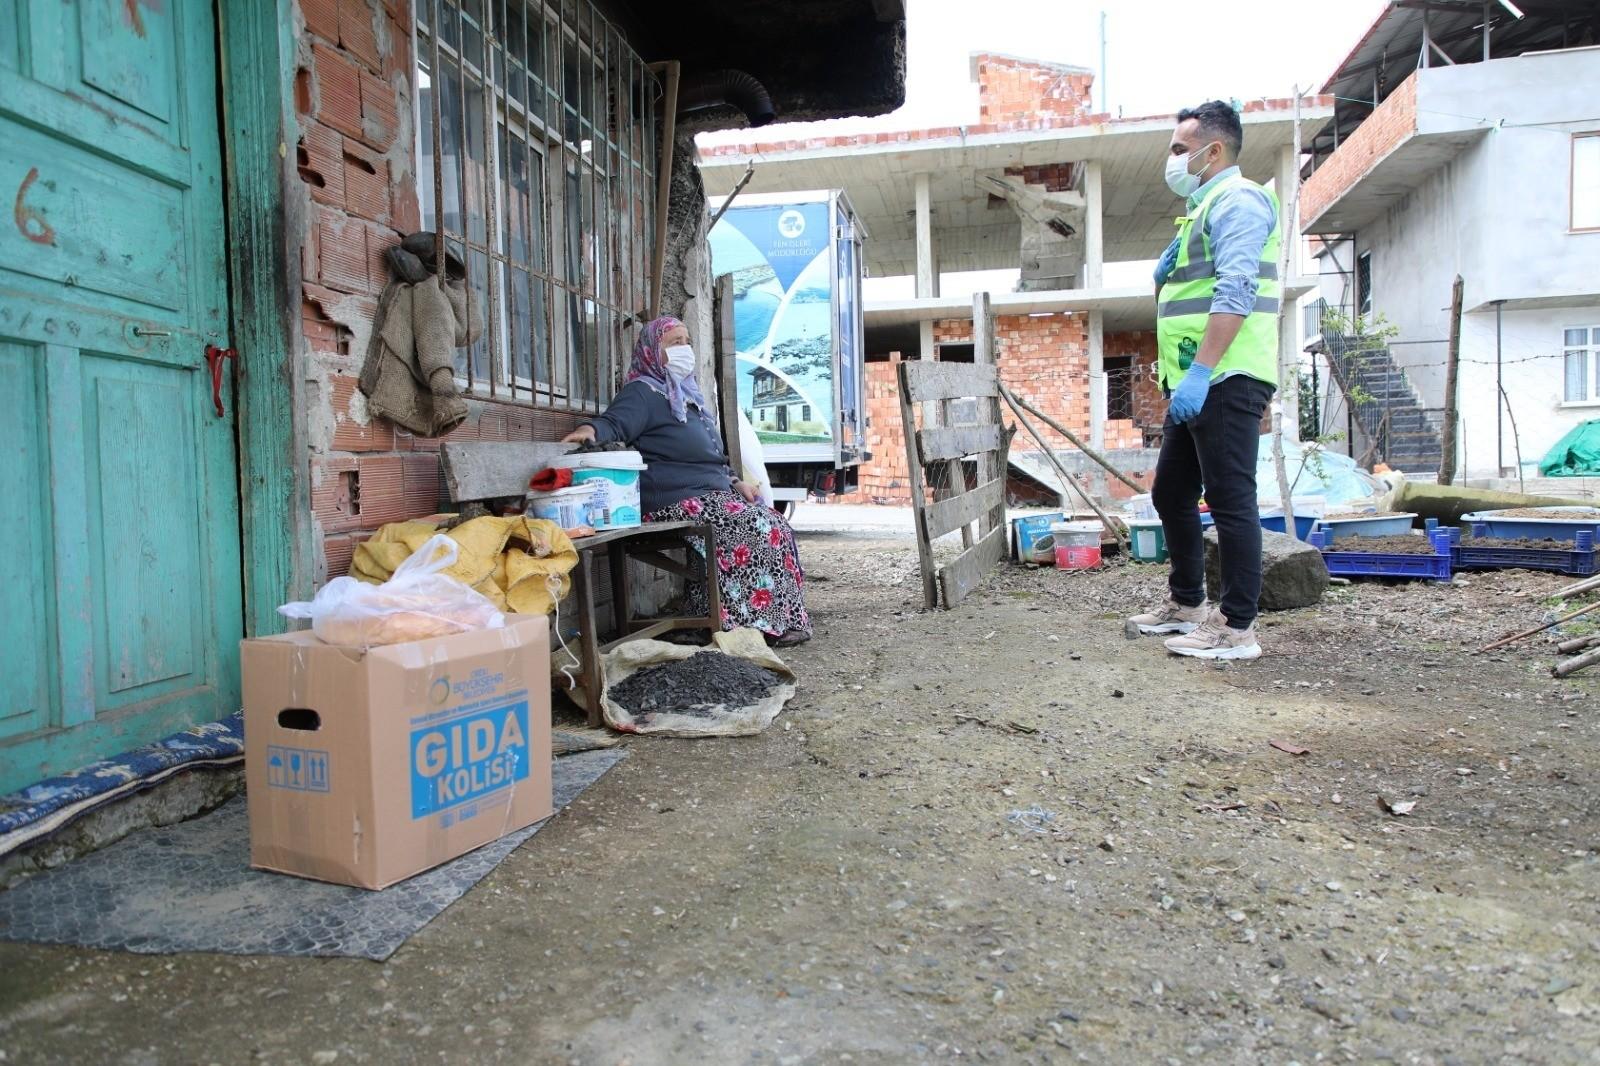 Fatsa'da karantinadaki 400 haneye tek tek gıda paketi dağıtımı gerçekleşti